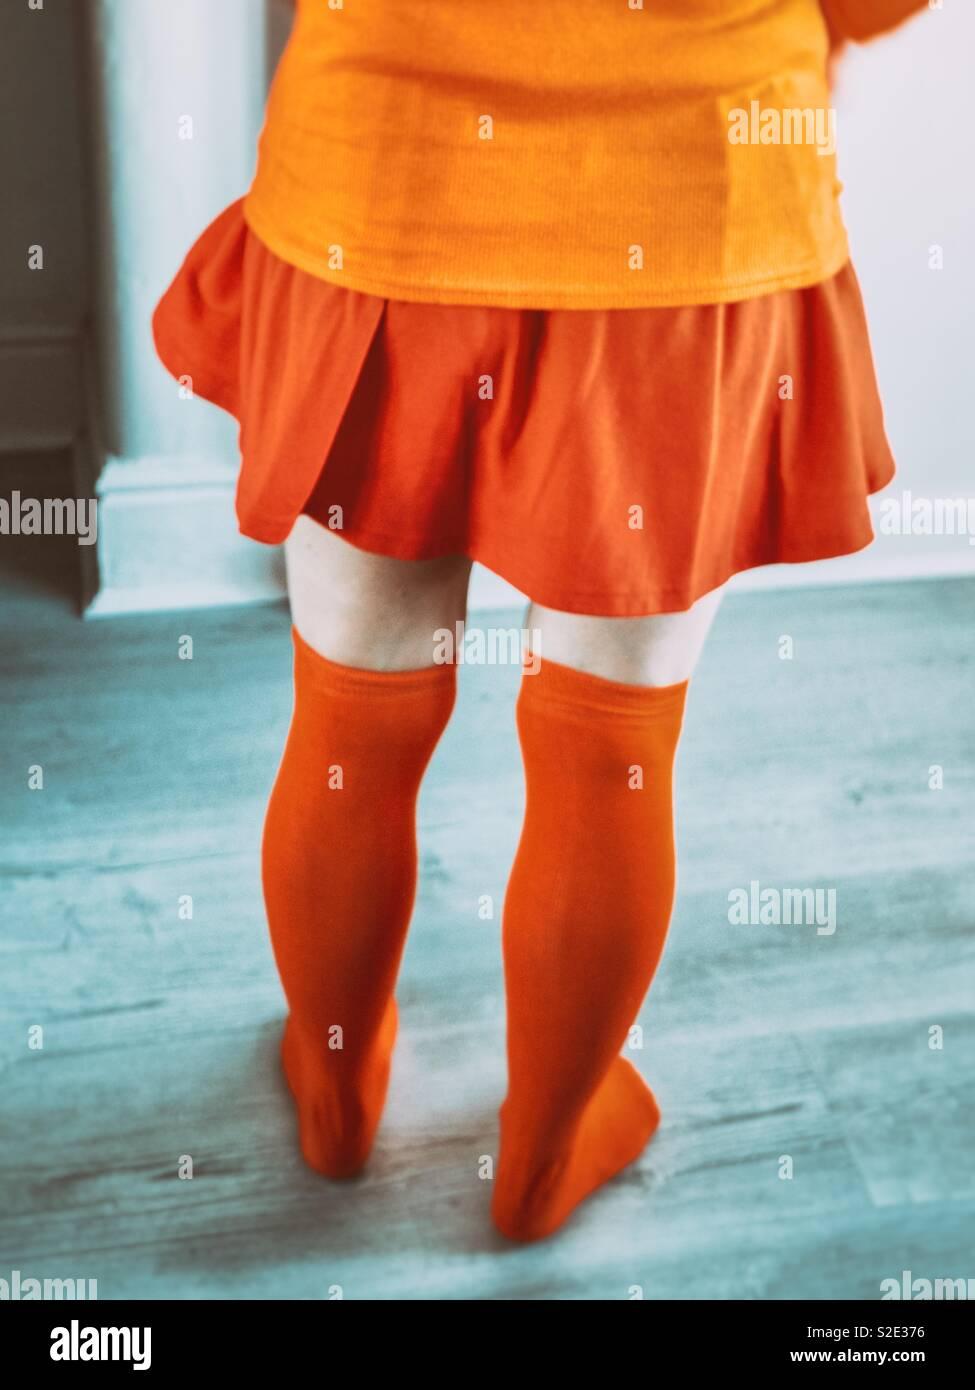 Cosplayer femminile come Velma. Indossare tutti orange Foto Stock